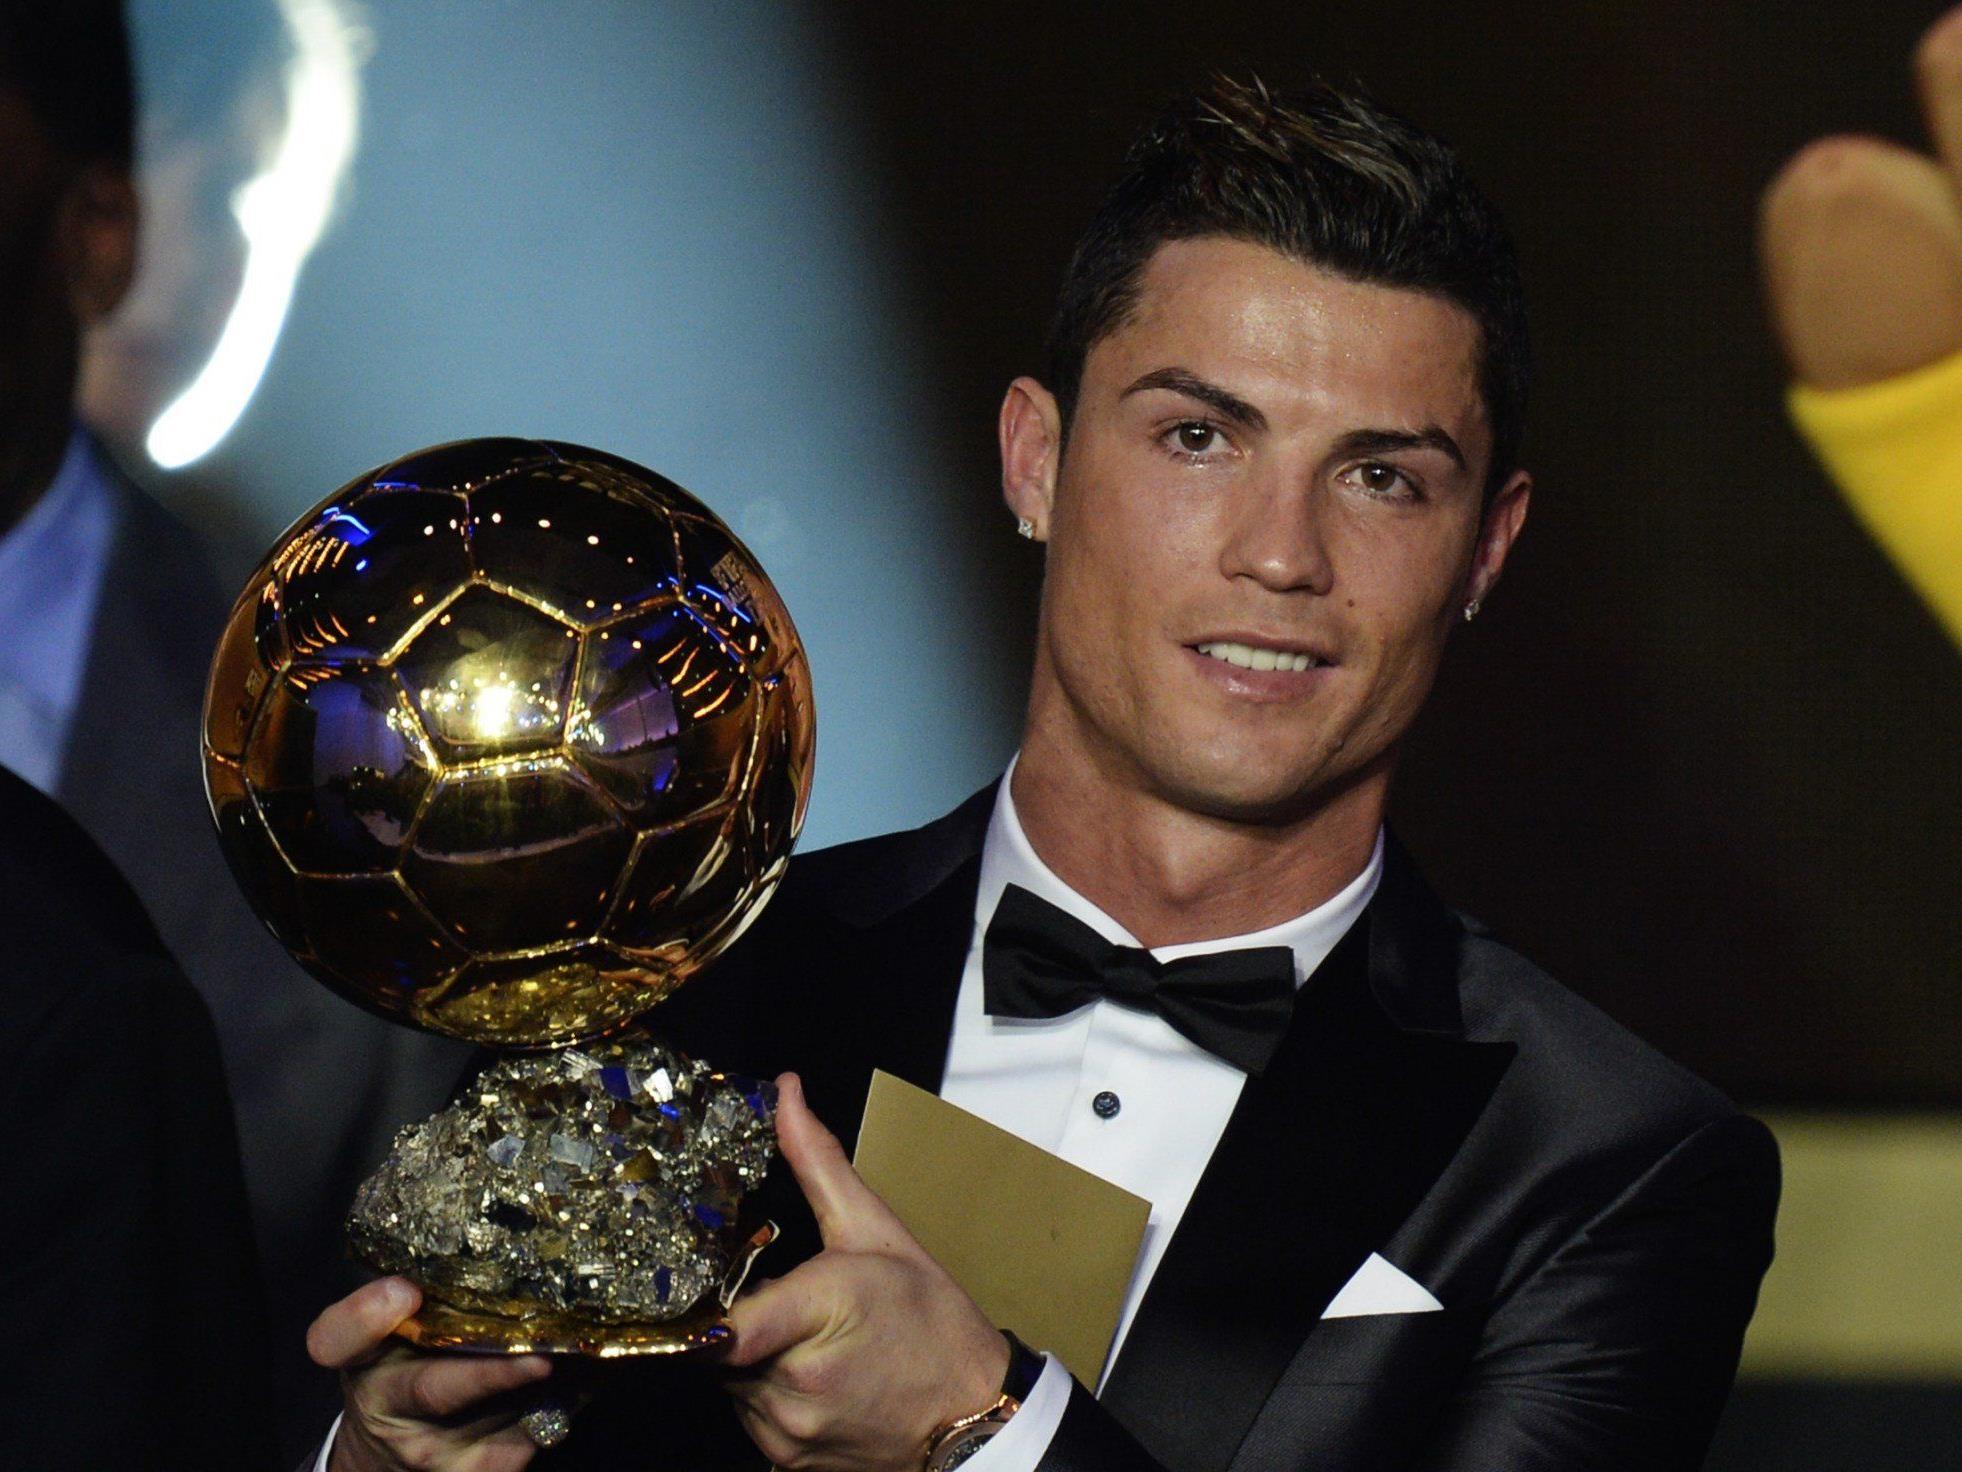 Cristiano Ronaldo ist am Montagabend bei der FIFA-Gala in Zürich als Weltfußballer des Jahres 2013 geehrt worden.